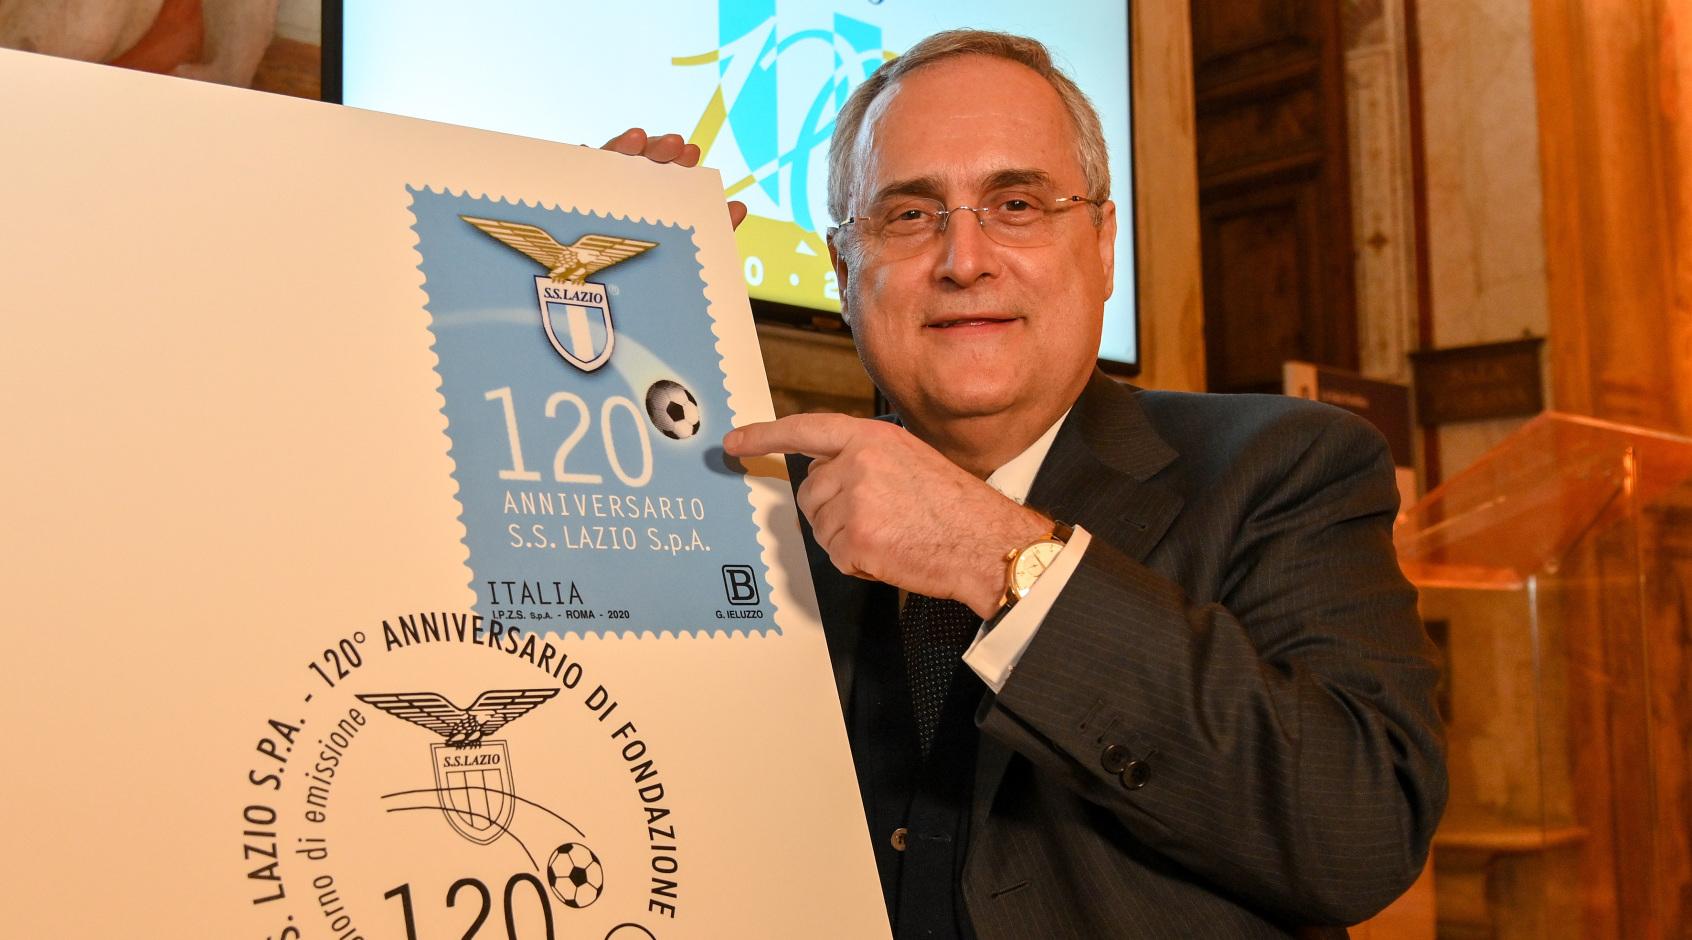 """Президенты """"Лацио"""" и """"Торино"""" предложили расширить Примаверу до 18 команд, преследуя личный интерес"""